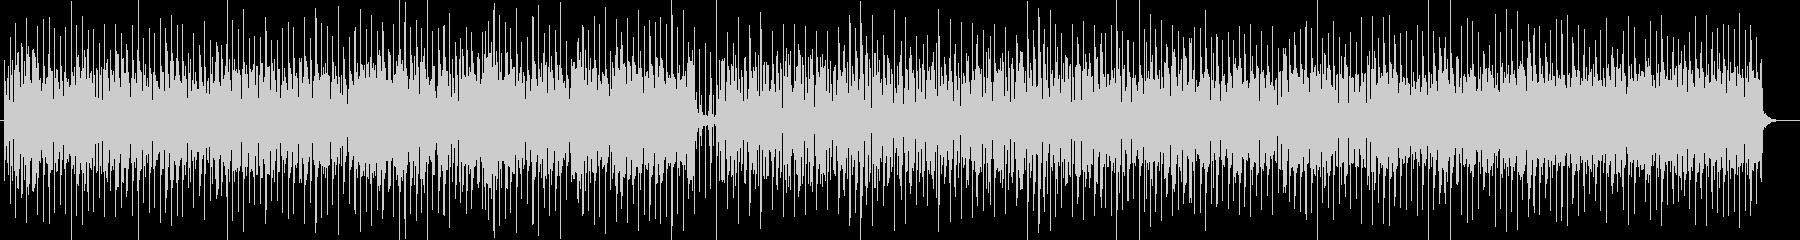 陽気なボサノヴァ調シンセサイザーサウンドの未再生の波形